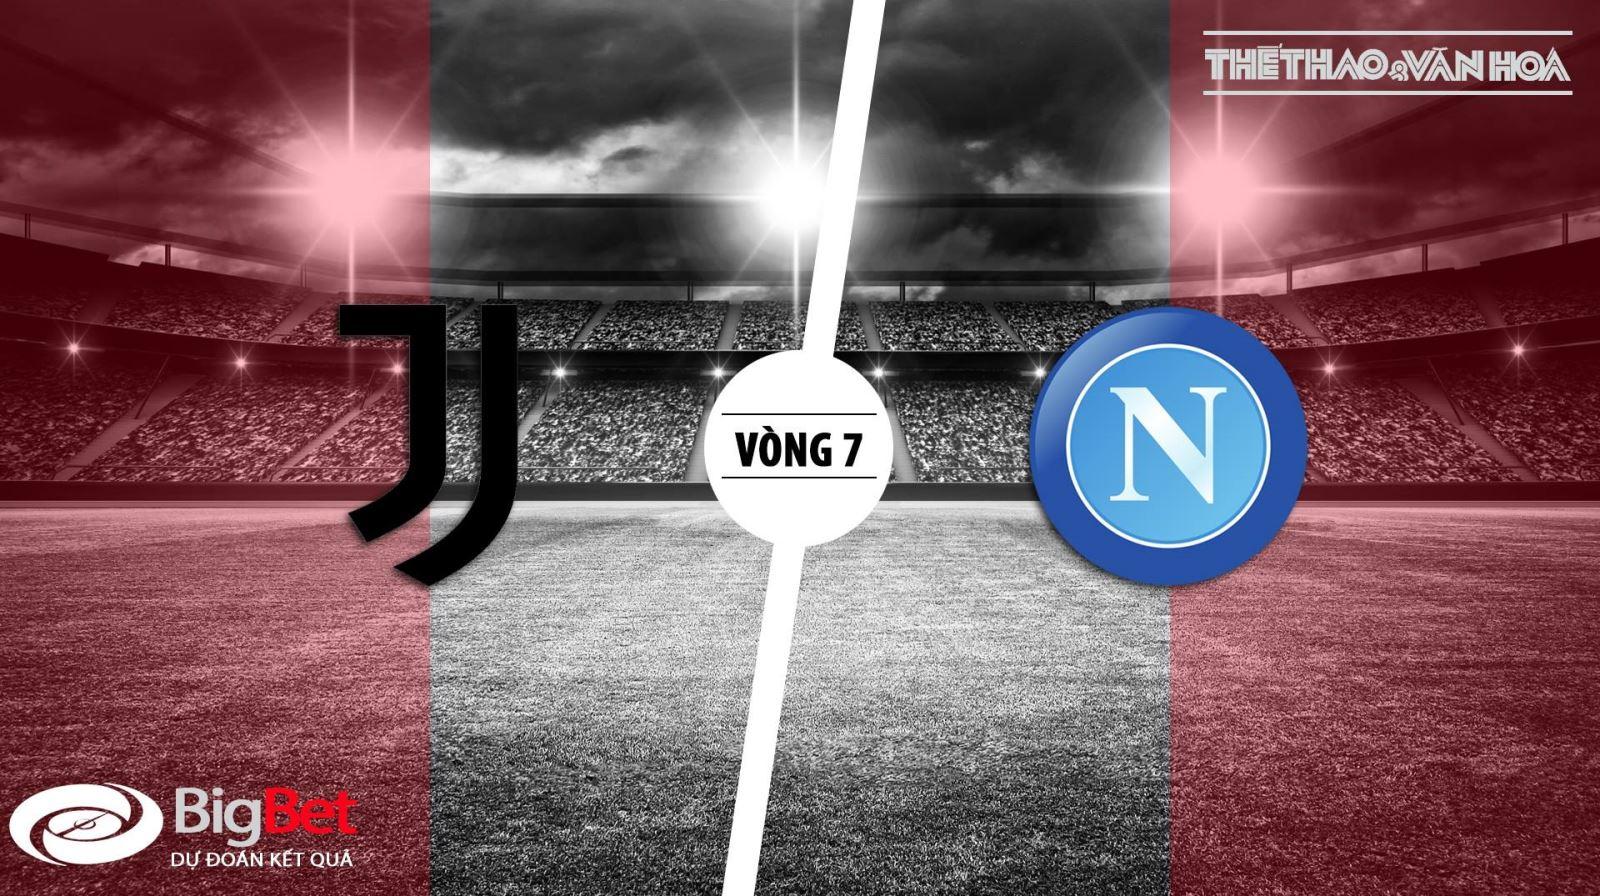 Nhận định Juventus vs Napoli, Kèo Juve Napoli, Soi kèo Juve, Trực tiếp bóng đá, dự đoán bóng đá, juve vs napoli, truc tiep bong da, bóng đá Ý, ronaldo, video bàn thắng